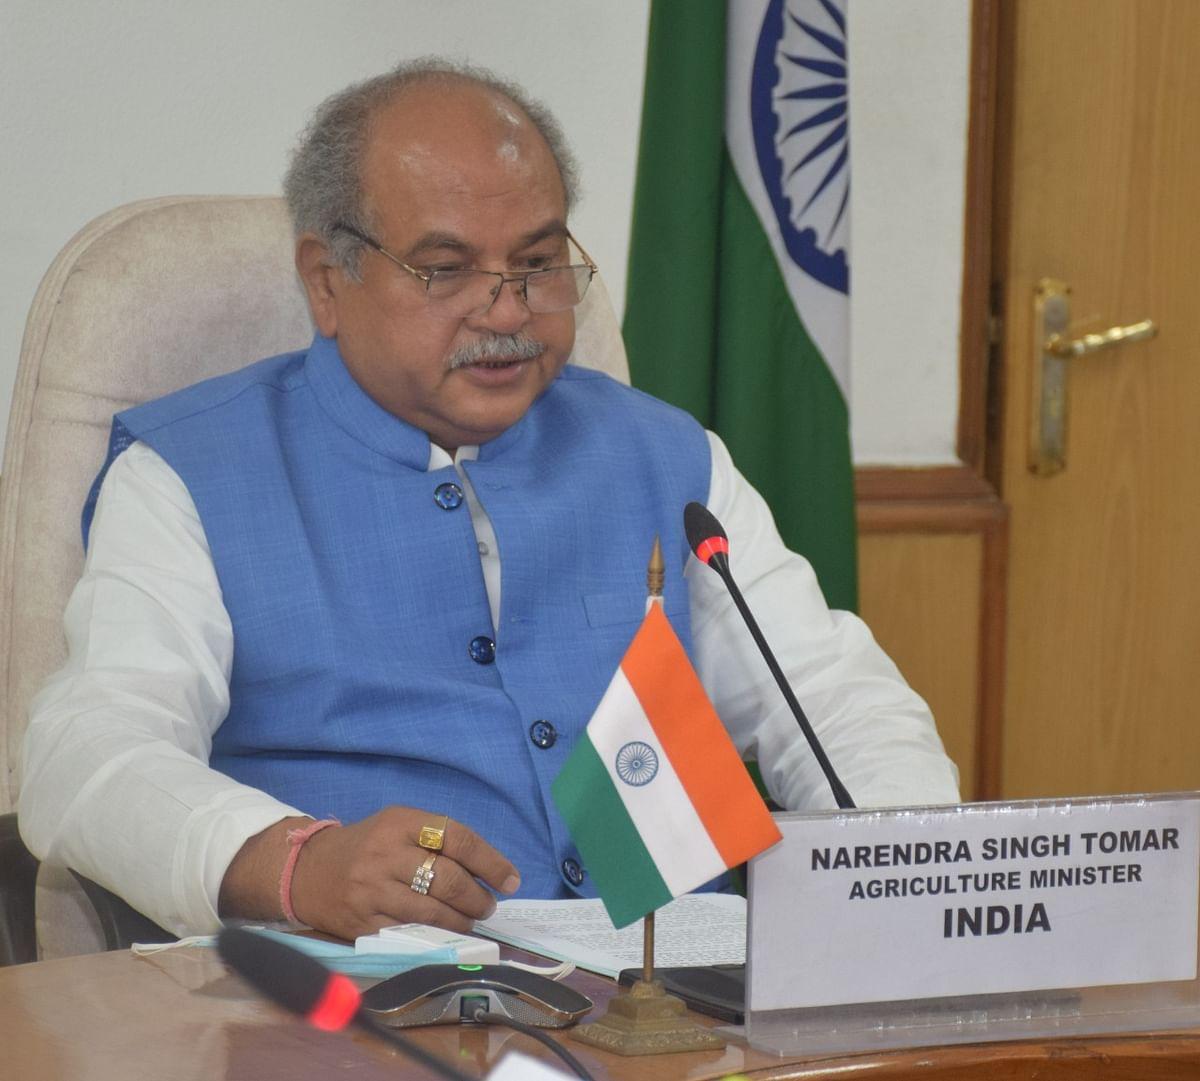 भारत सरकार कृषि क्षेत्र को निवेश के अवसर में बदलने के लिए प्रतिबद्ध:   तोमर